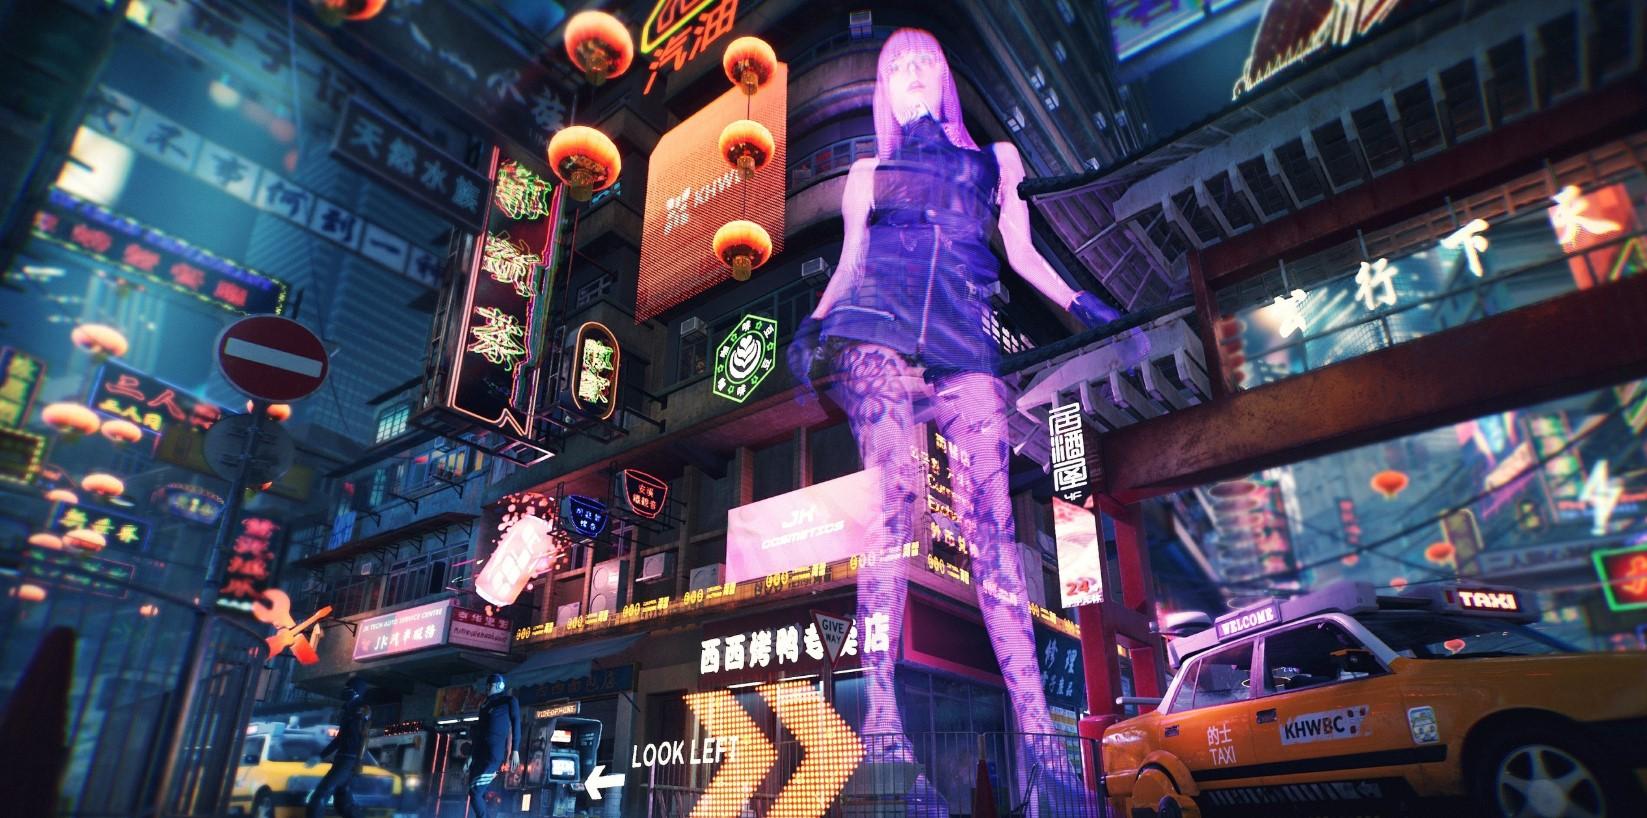 Продюсер GTA 5 возглавил новую студию Tencent вСША